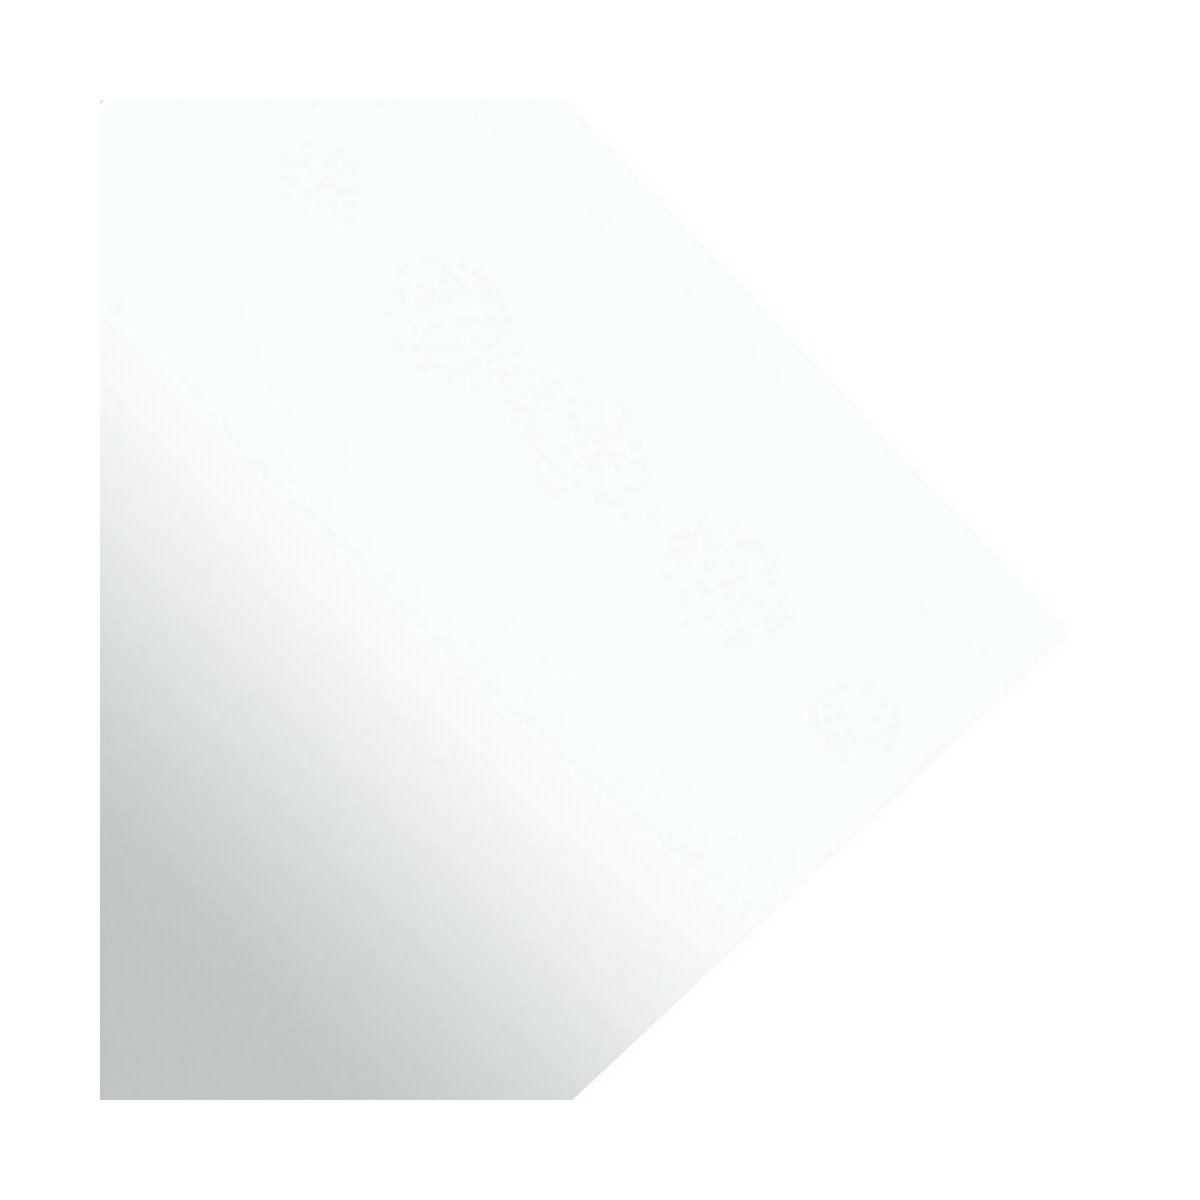 Szklo Syntetyczne Mleczne 5 Mm 200 X 100 Cm Robelit Szyby Do Drzwi Z Polistyrenu W Atrakcyjnej Cenie W Sklepach Leroy Merlin